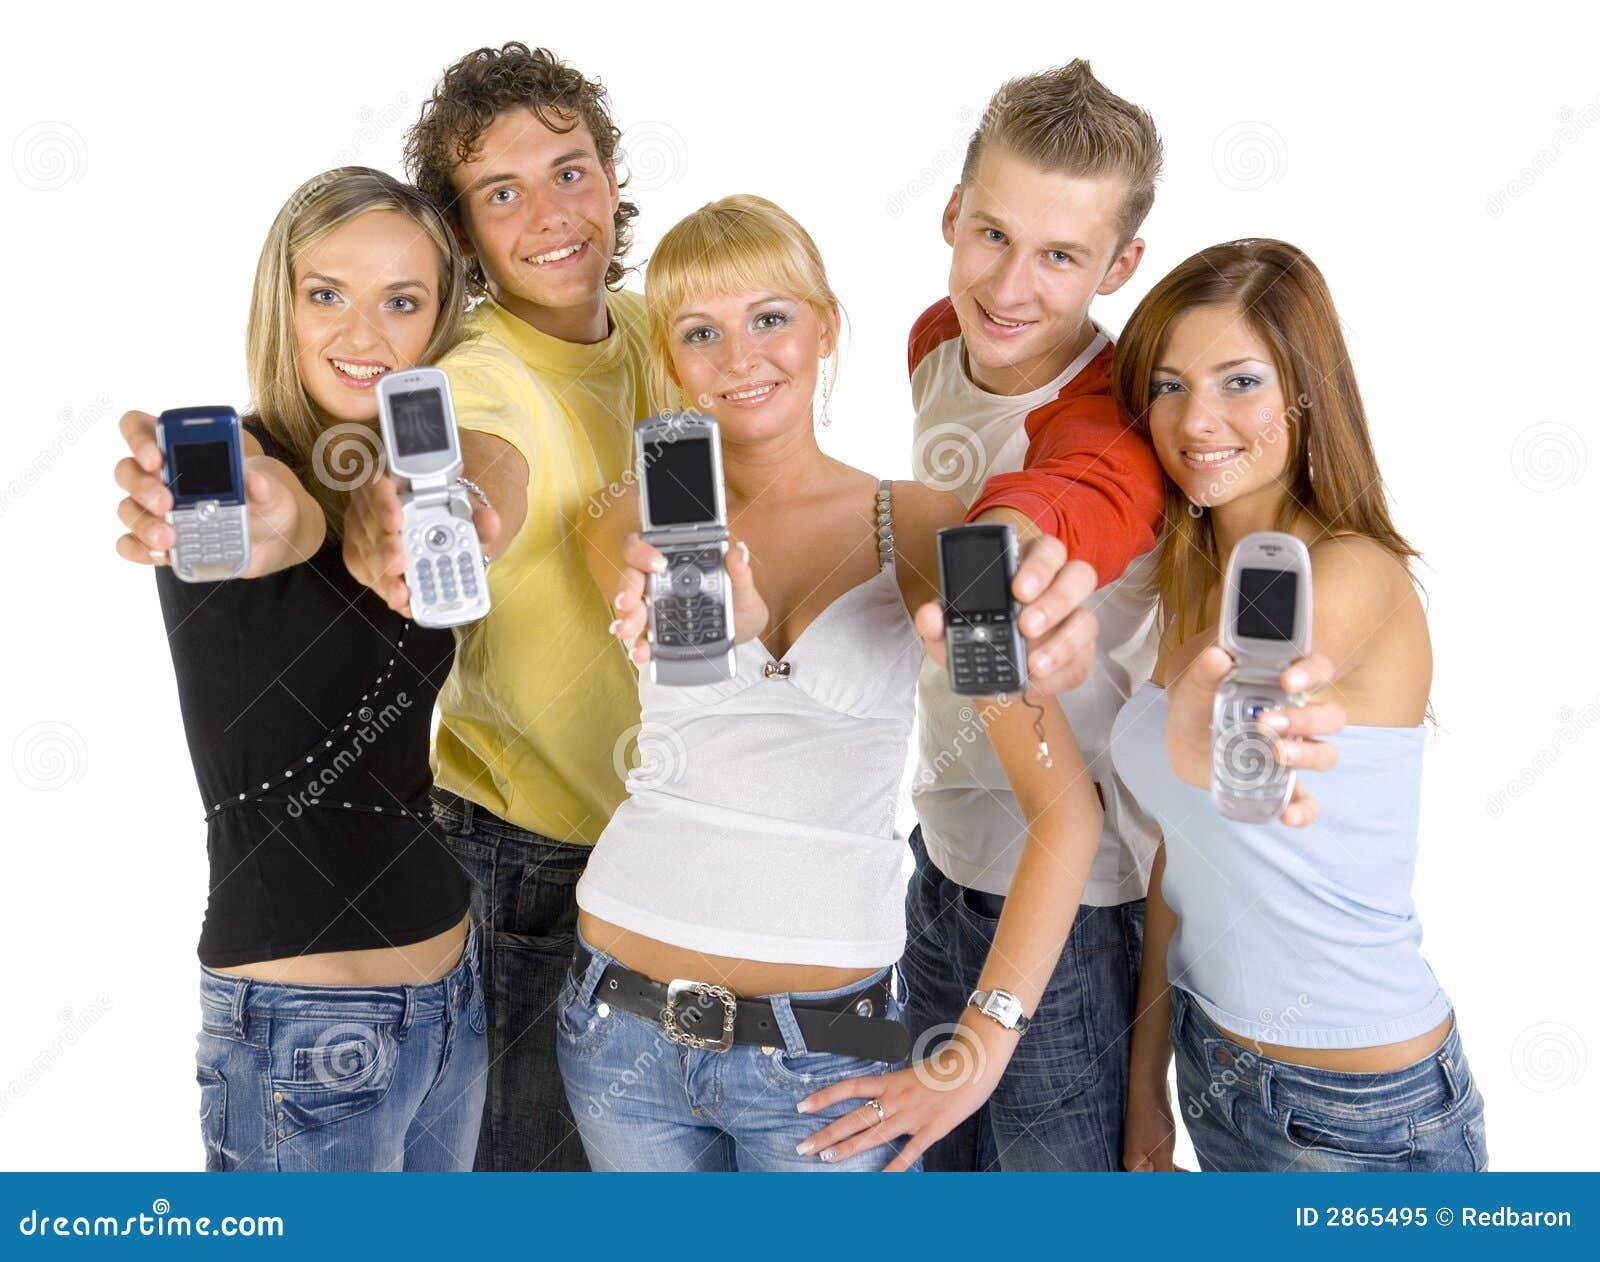 Adolescente Fotos y Vectores gratis - freepikes